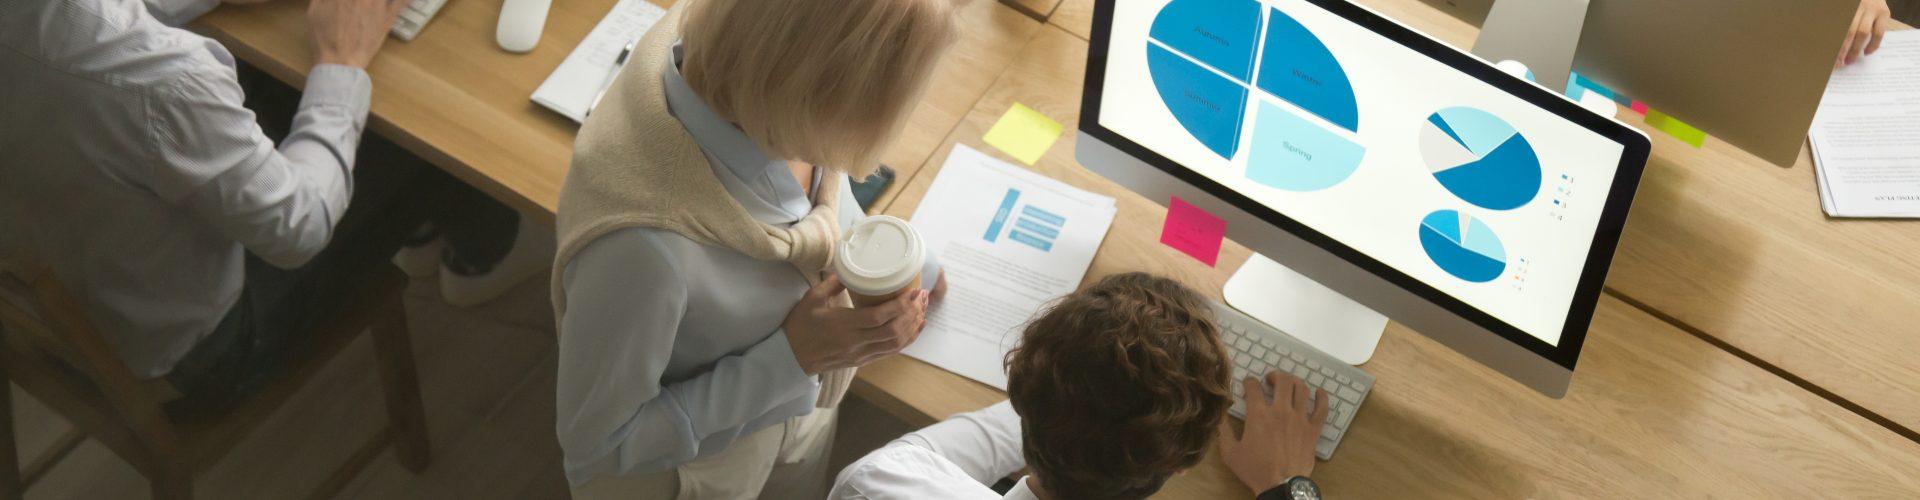 Kunderelationsstyring - lad os holde styr på dine kundedata og få mere ud af dit salgsarbejde